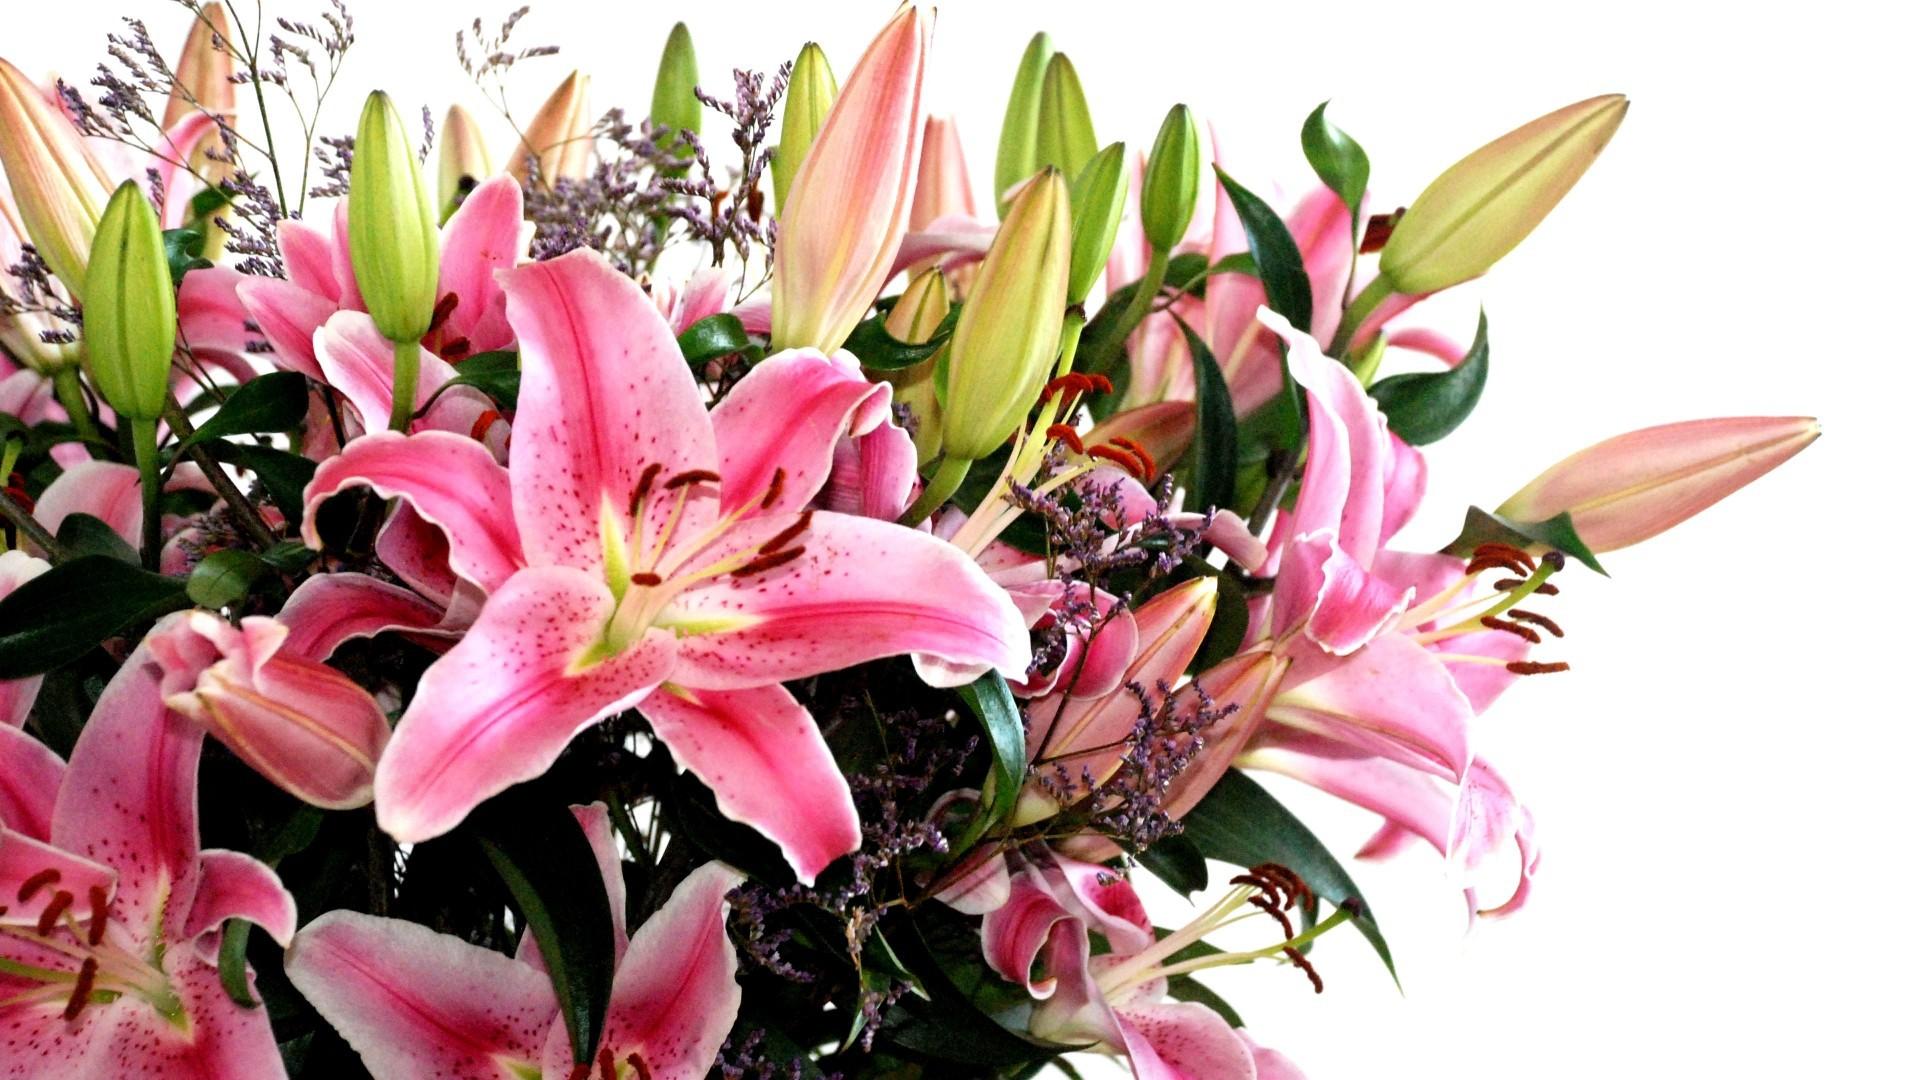 Фото с цветами лилиями